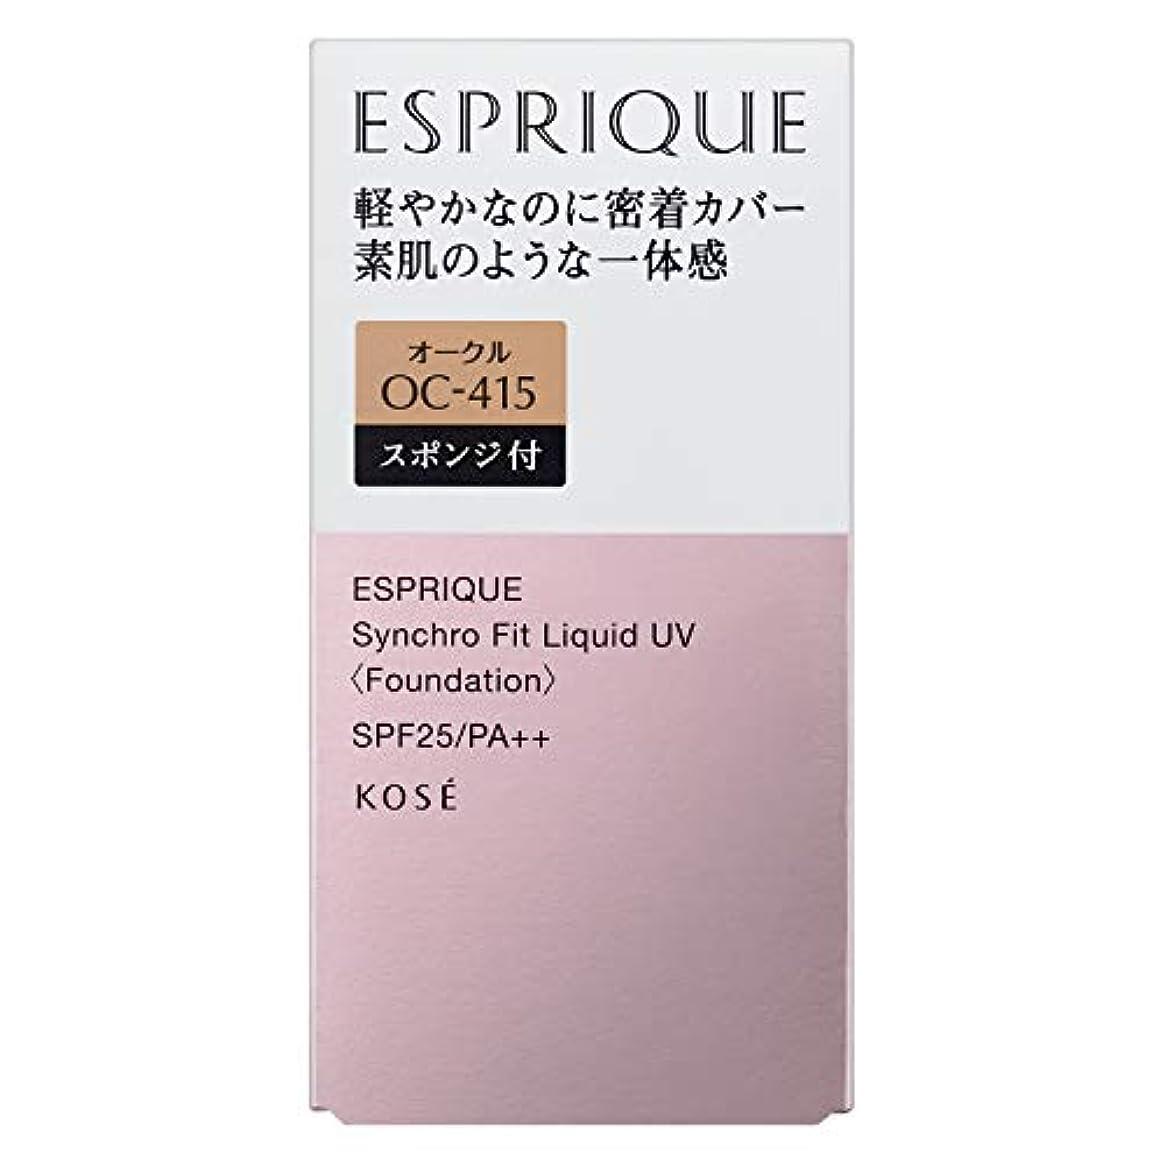 ハックどこにもタイルESPRIQUE(エスプリーク) エスプリーク シンクロフィット リキッド UV ファンデーション 無香料 OC-415 オークル 30g